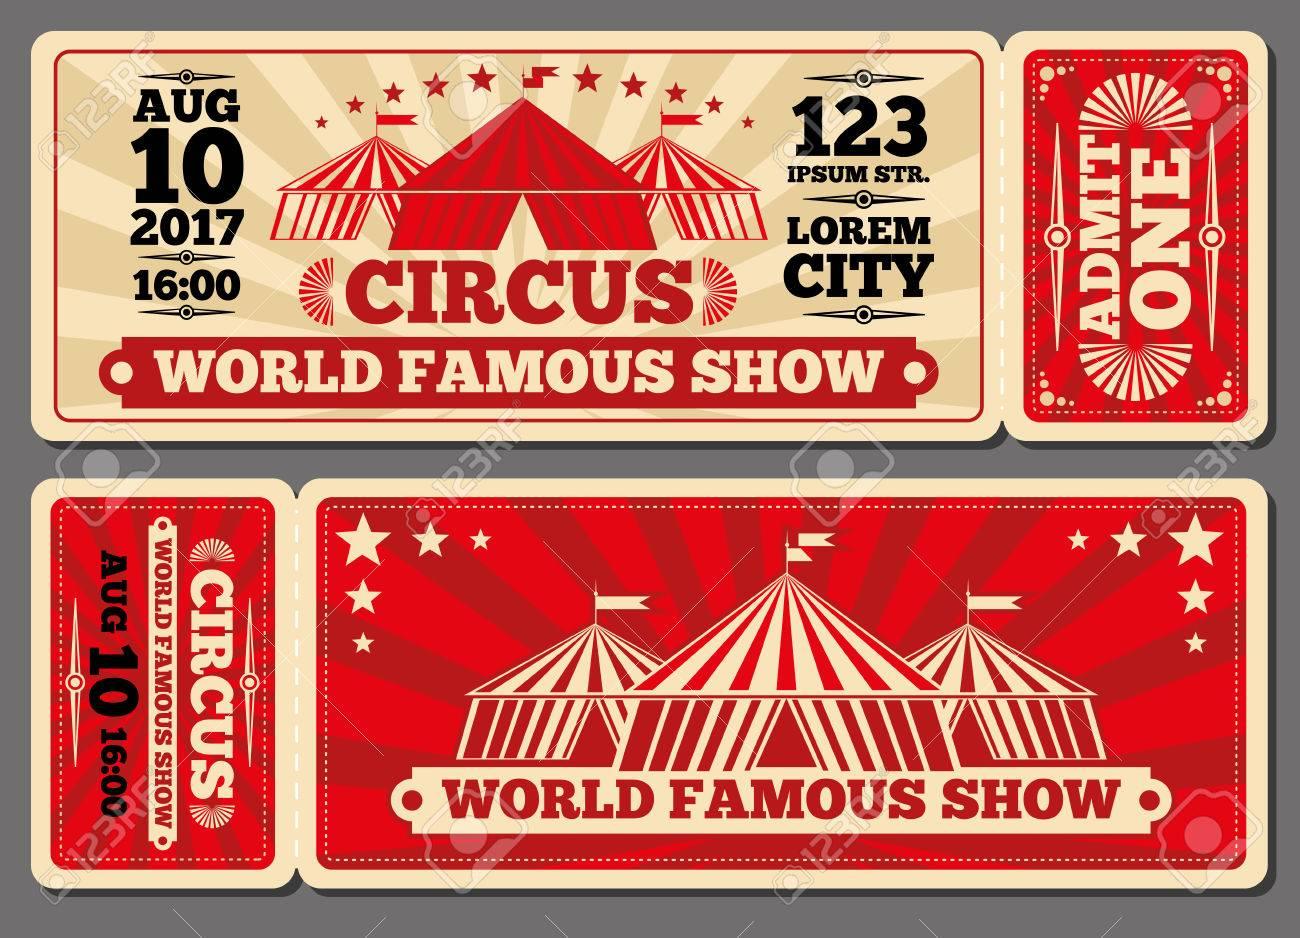 circo mágico show tickets vector de entrada plantillas venta de